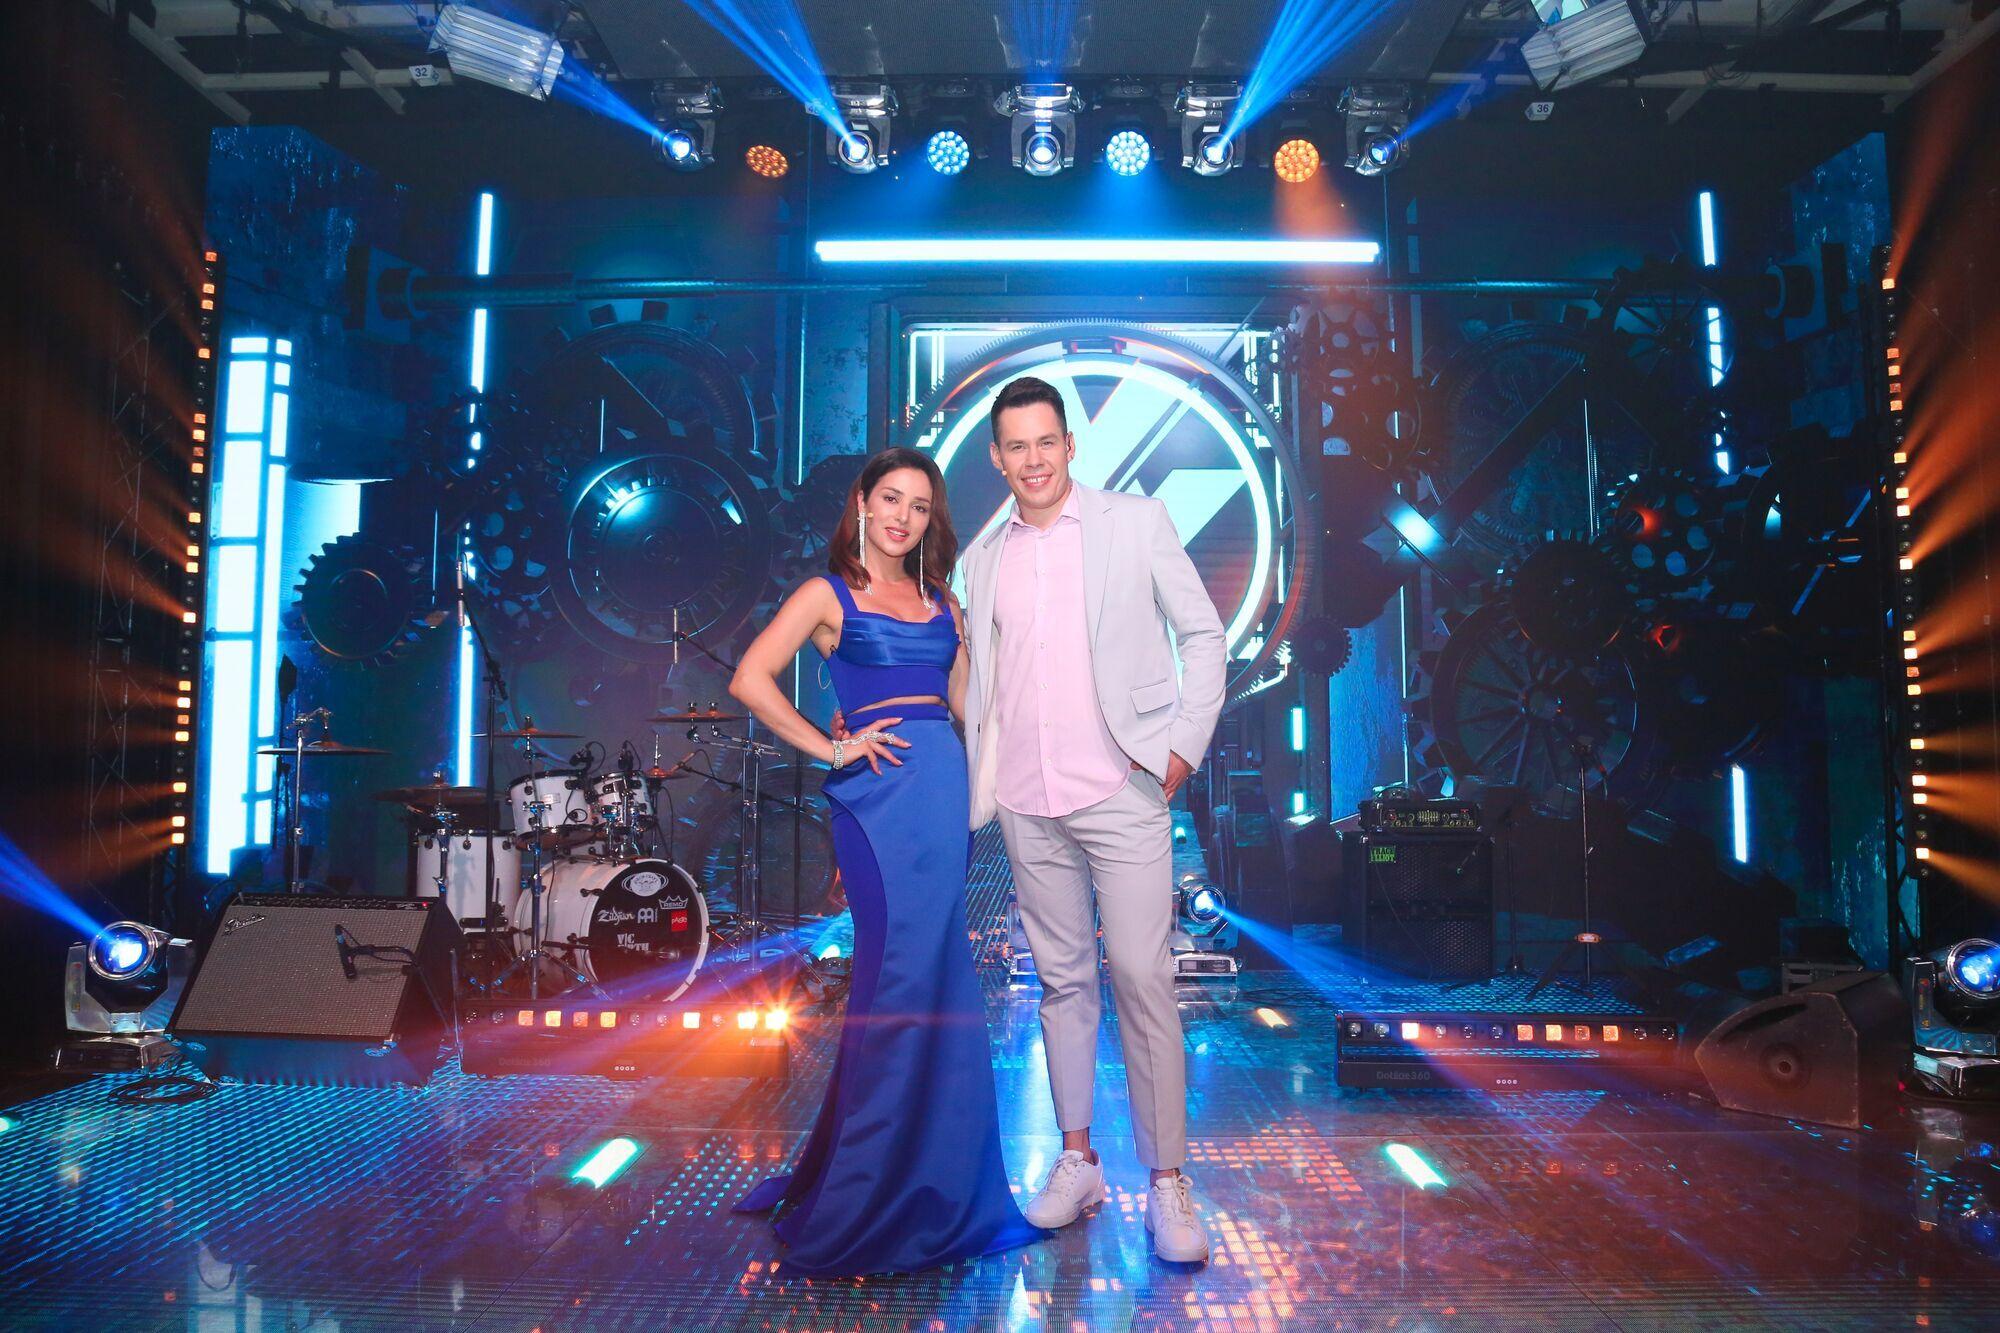 Ведущие шоу молодой украинской музыки Злата Огневич и Денис Жупник